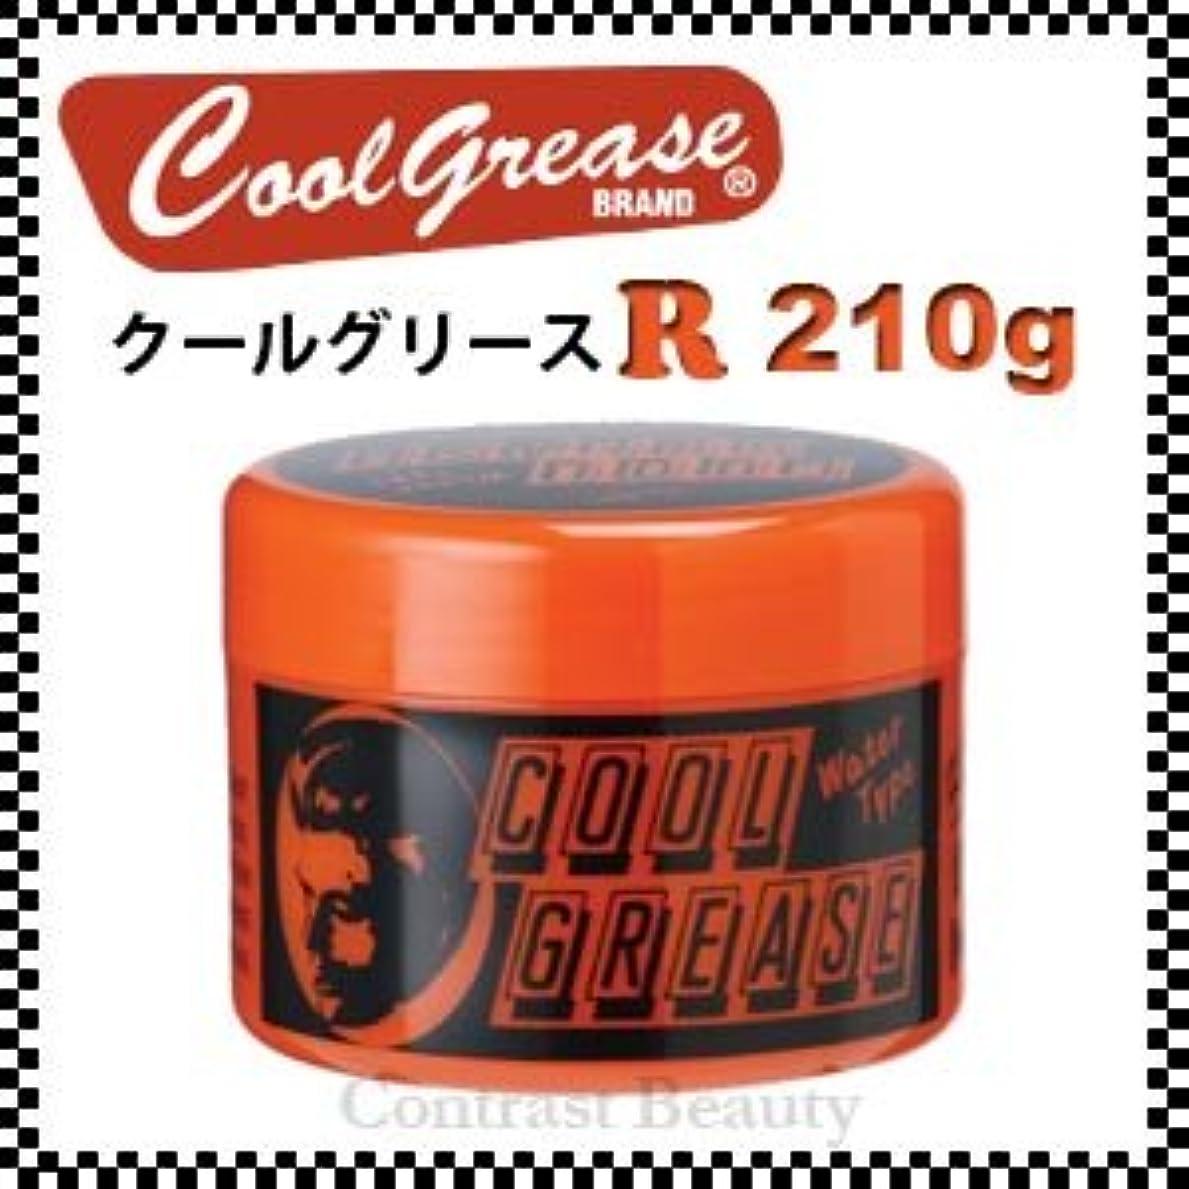 離す味方はねかける【X3個セット】 阪本高生堂 クールグリース R 210g